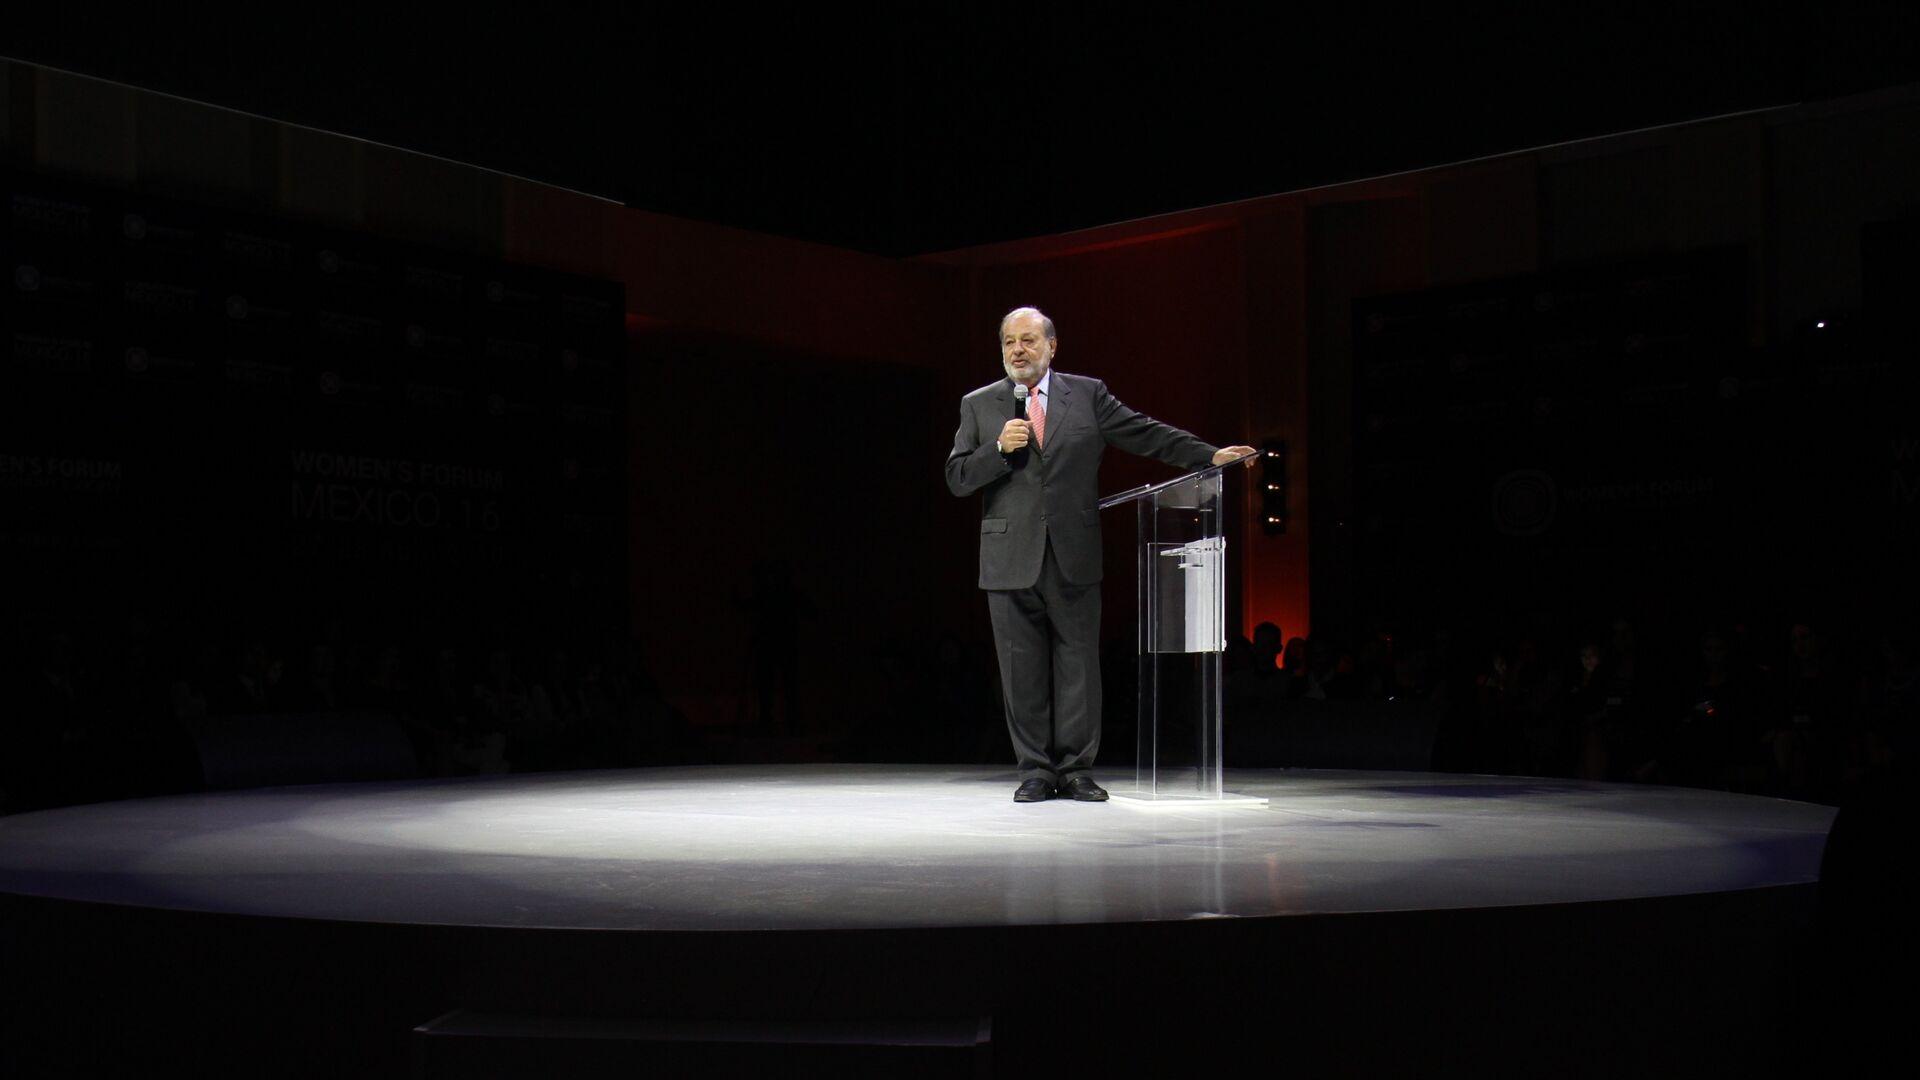 Carlos Slim, empresario mexicano - Sputnik Mundo, 1920, 16.04.2021